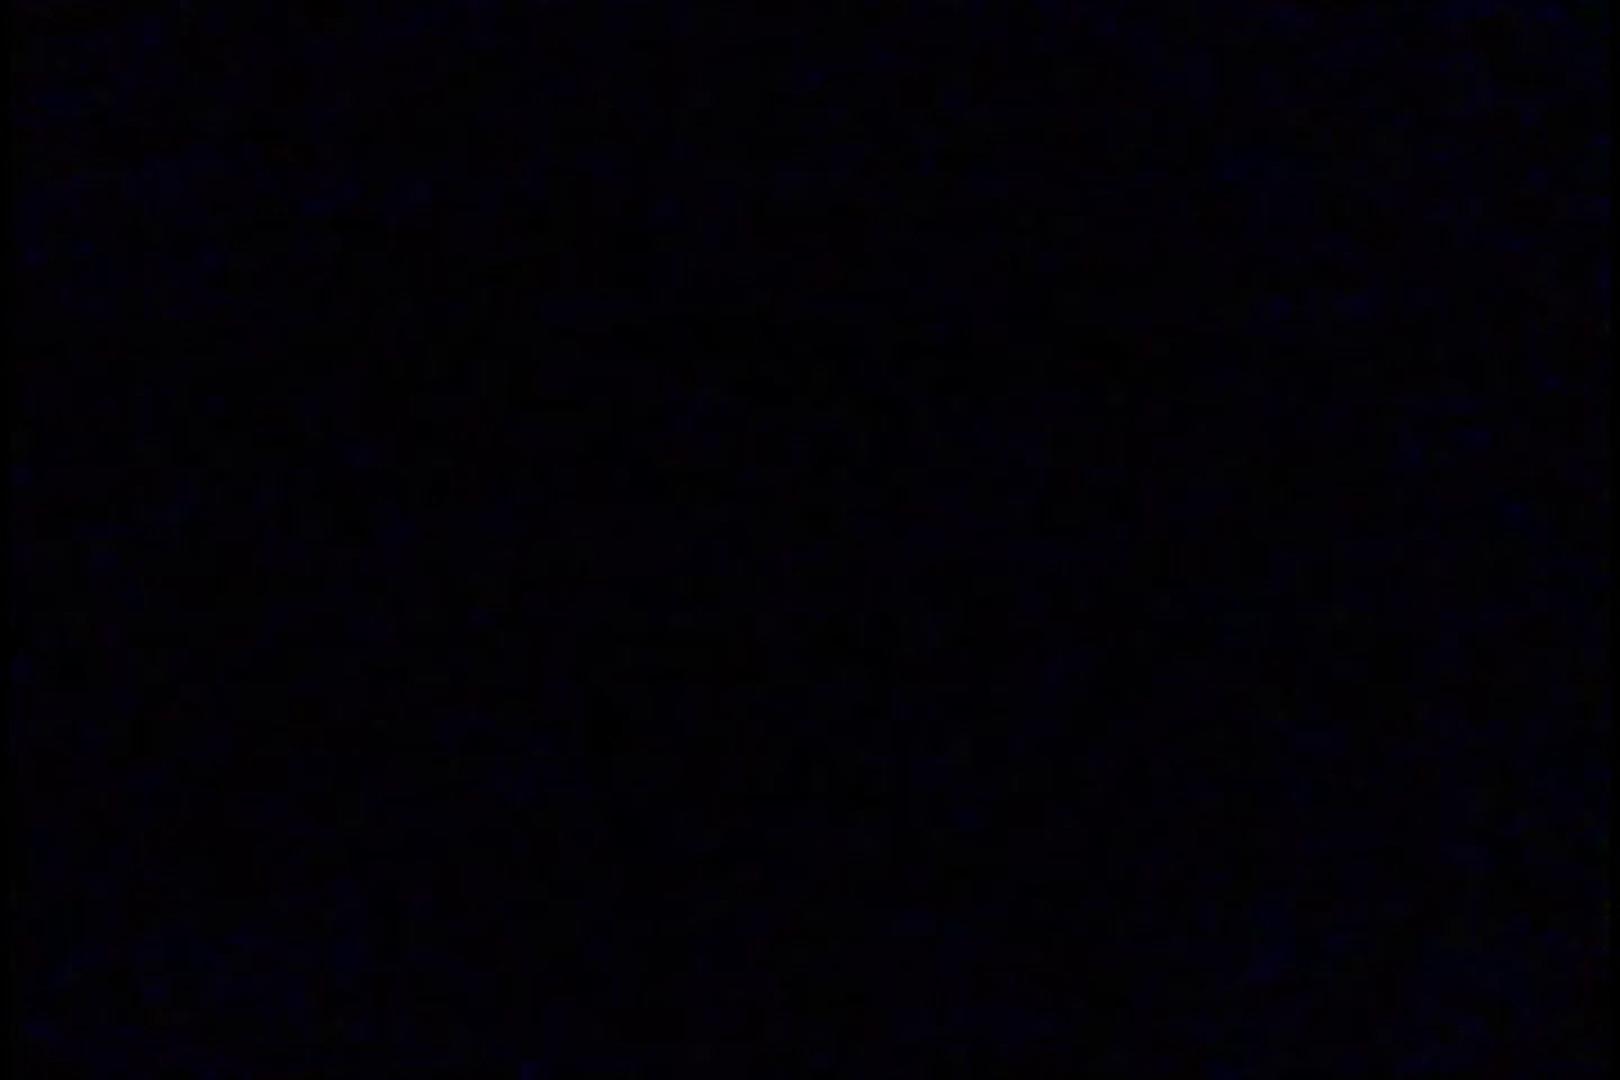 画質向上!新亀さん厠 vol.50 OLセックス 隠し撮りオマンコ動画紹介 66画像 20